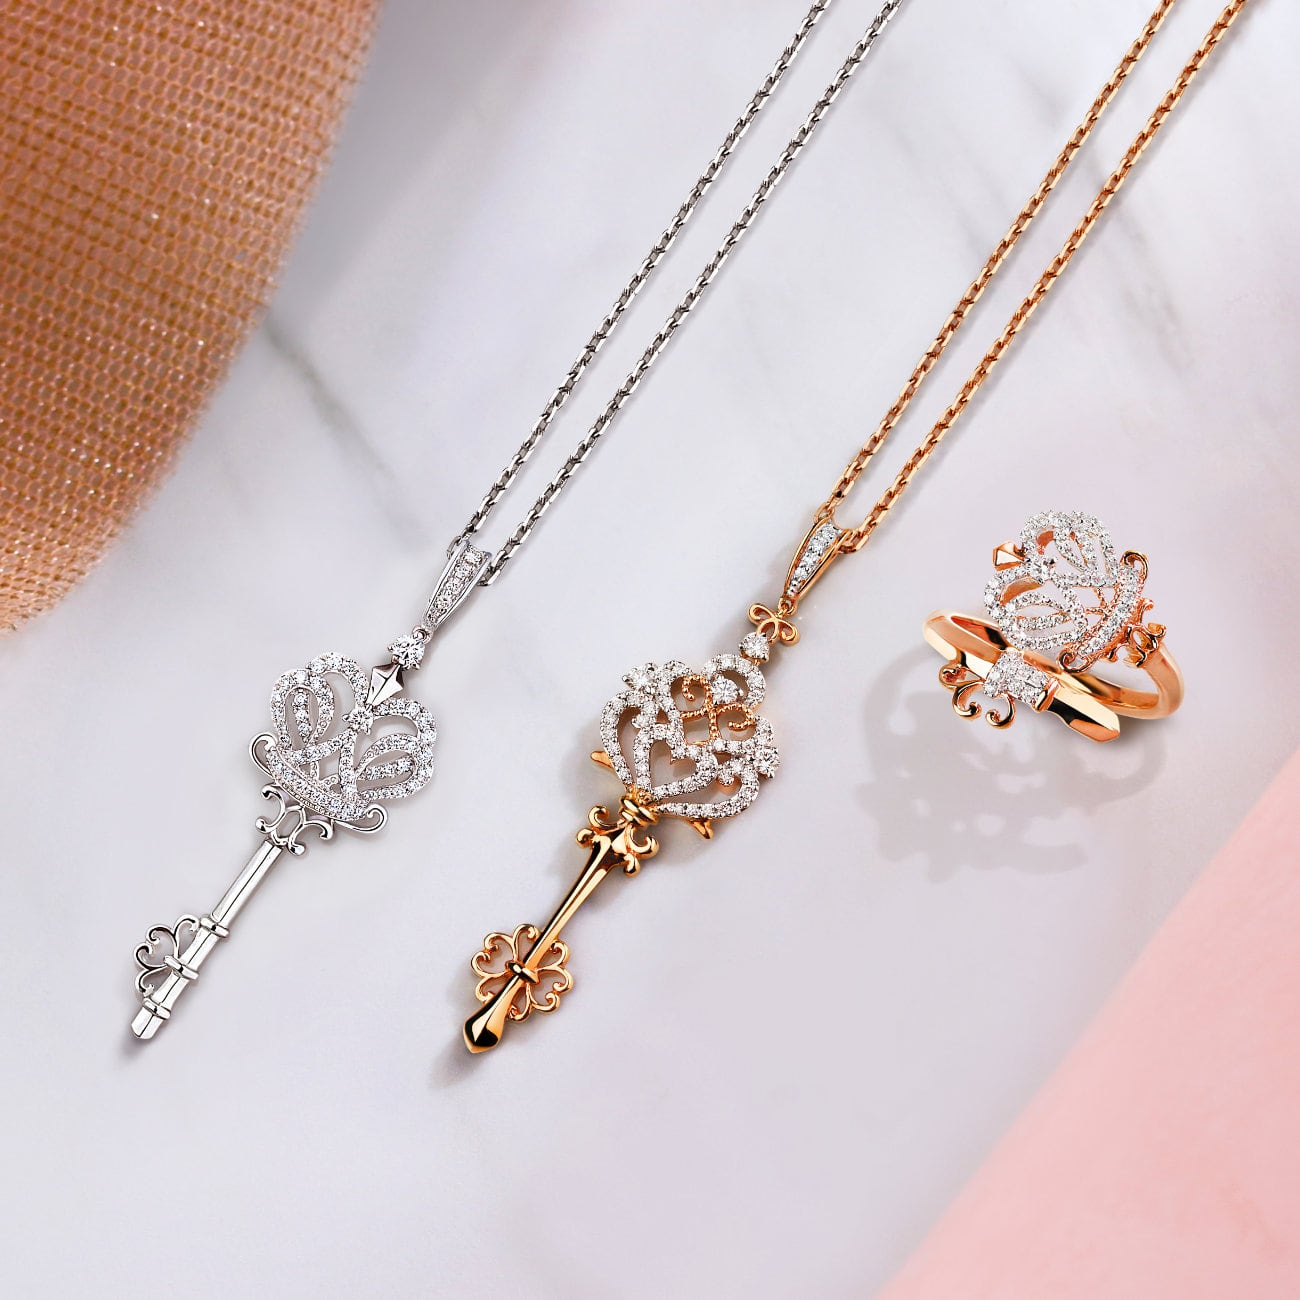 key-tiara-set-01